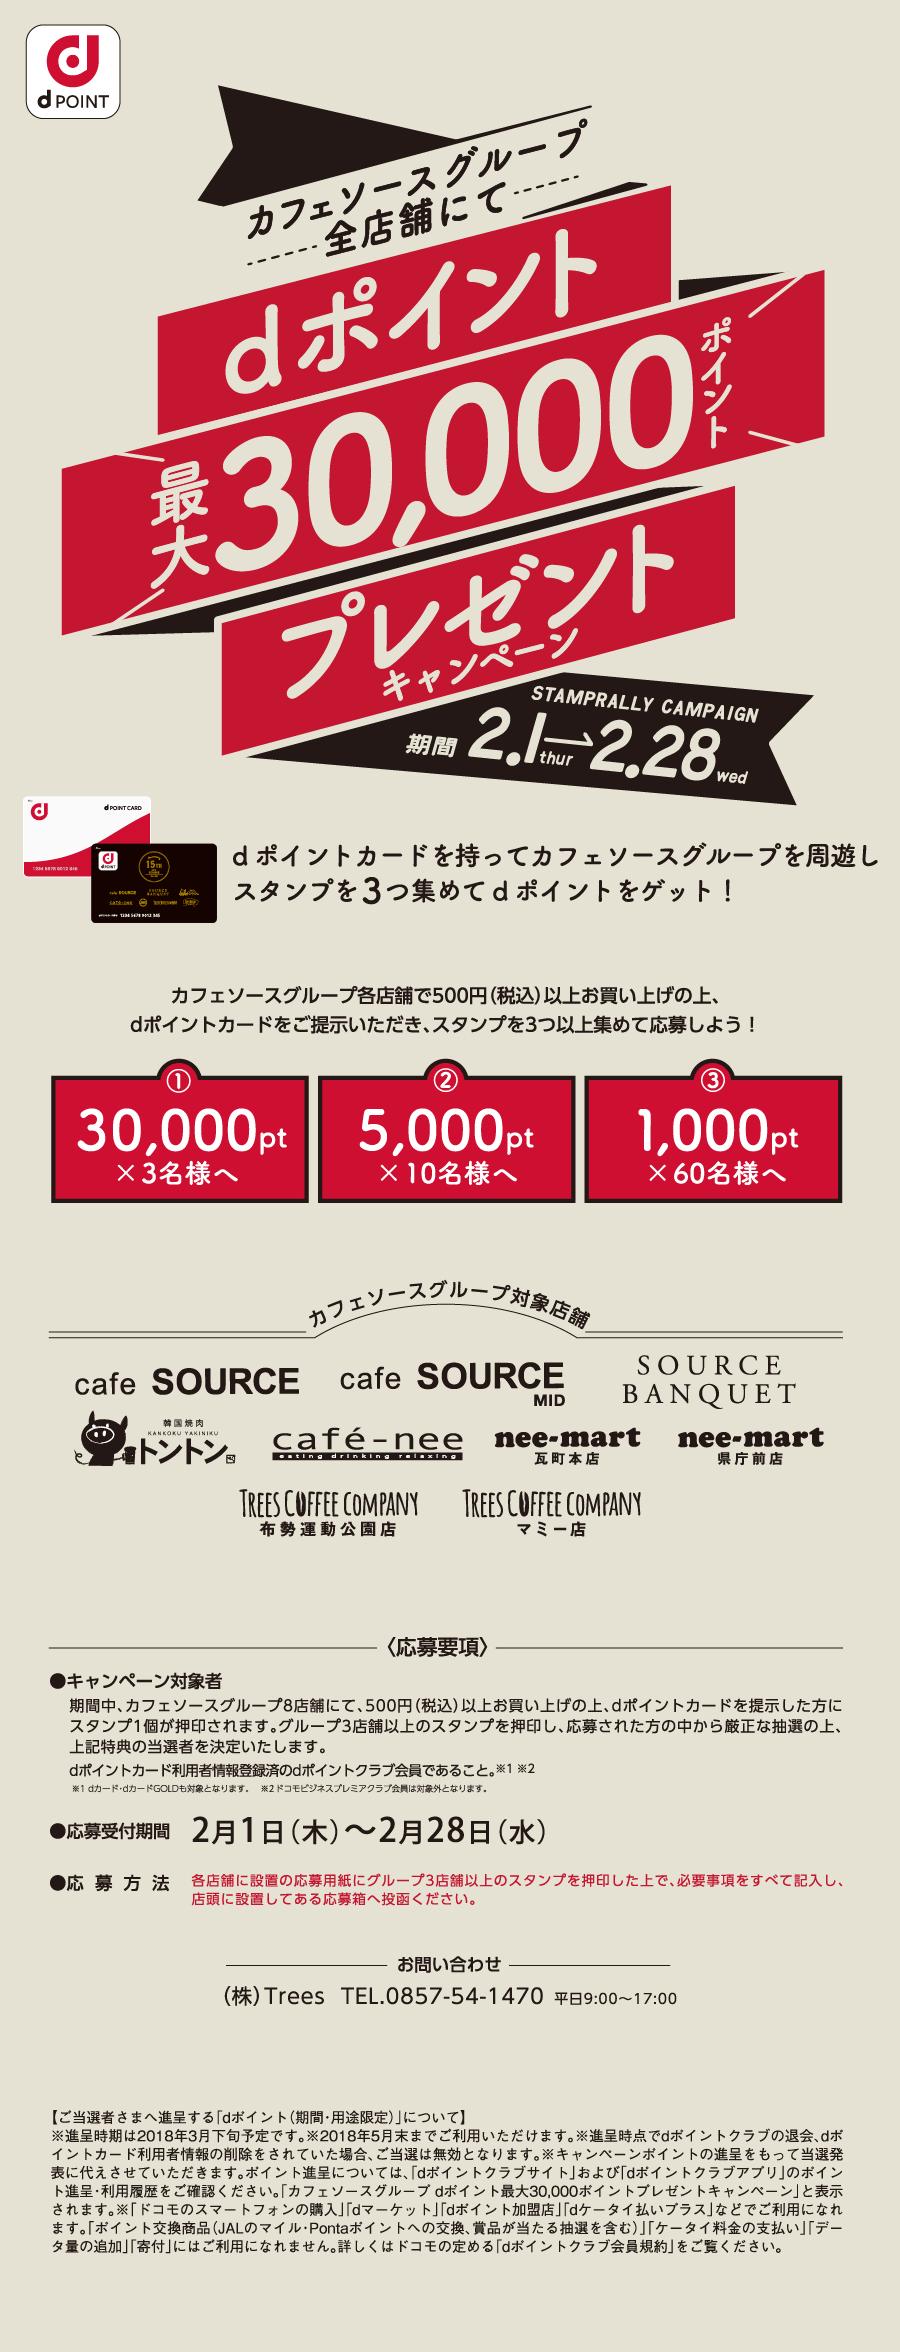 <h3>dポイント最大30000ポイントプレゼントキャンペーン</h3>